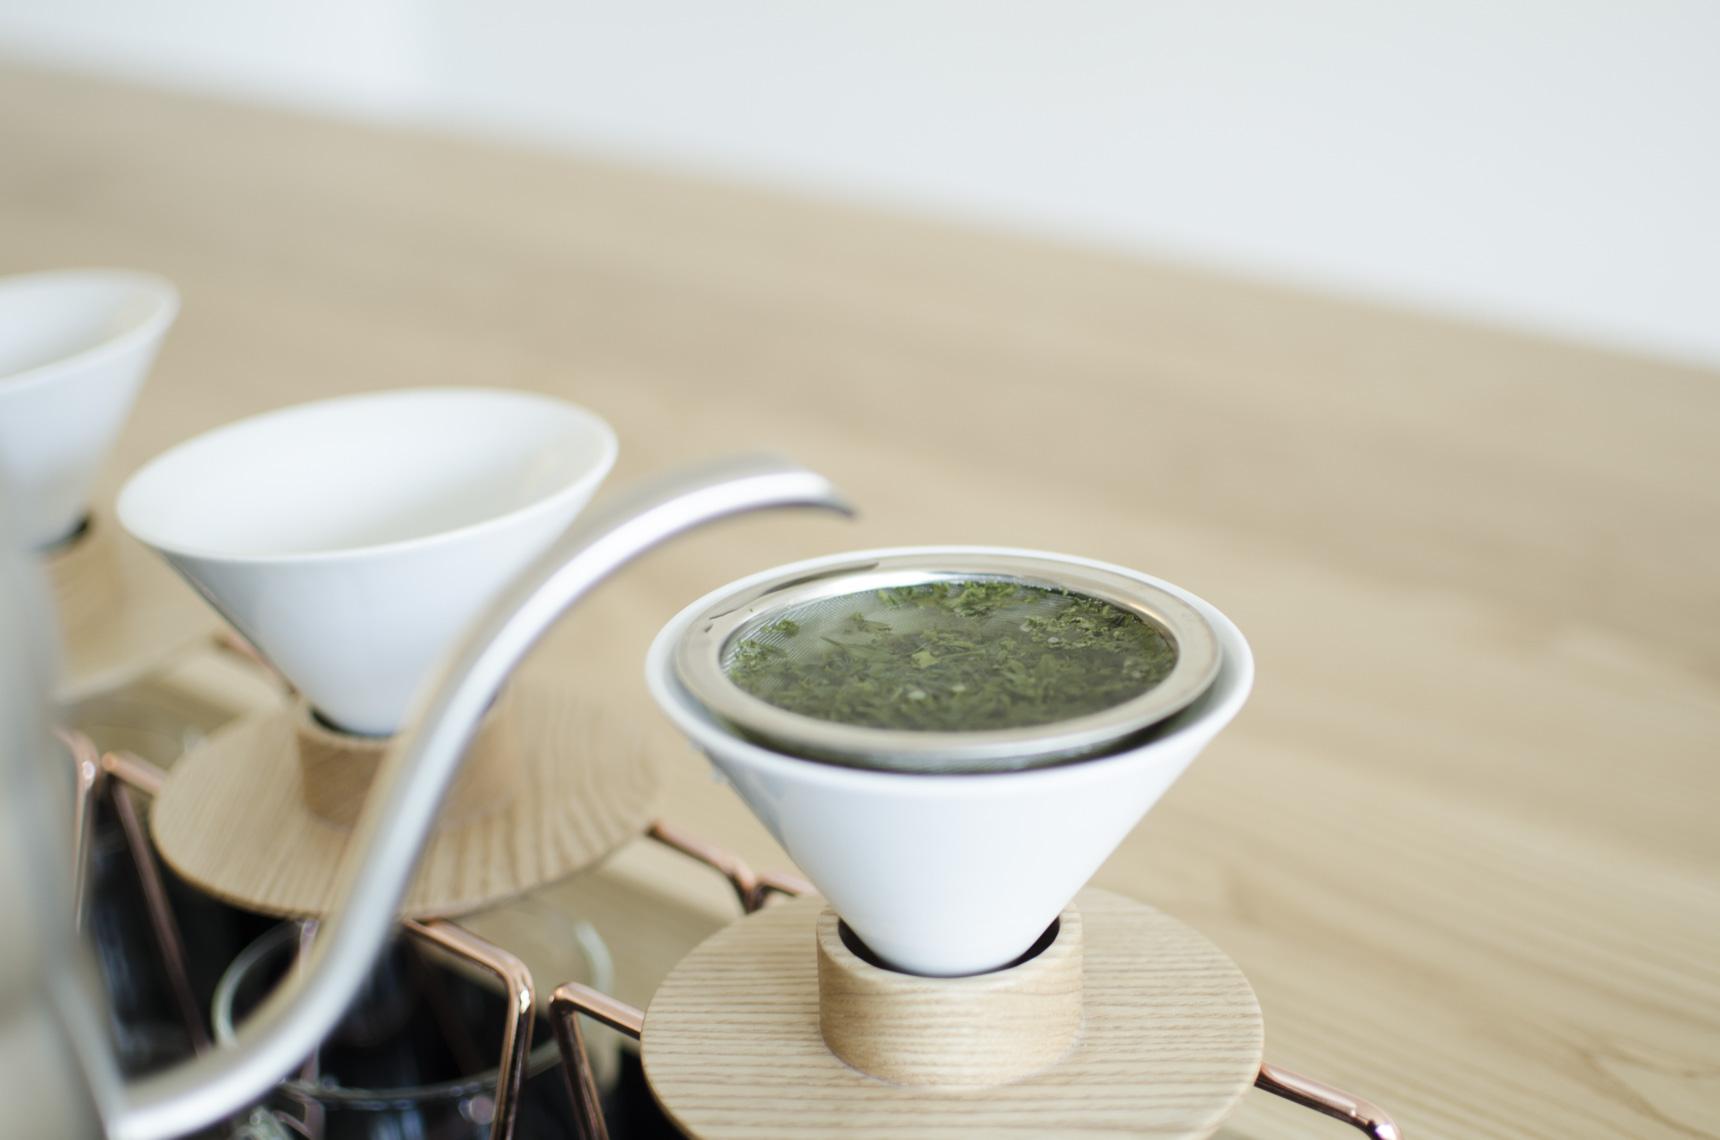 いよいよ、ハンドドリップ開始。コーヒーとは違ってドリッパーの中にお湯が溜まっていきます。1分20秒待ってドリッパーを上にあげると、お茶が一気に下へ落ちる仕組み。